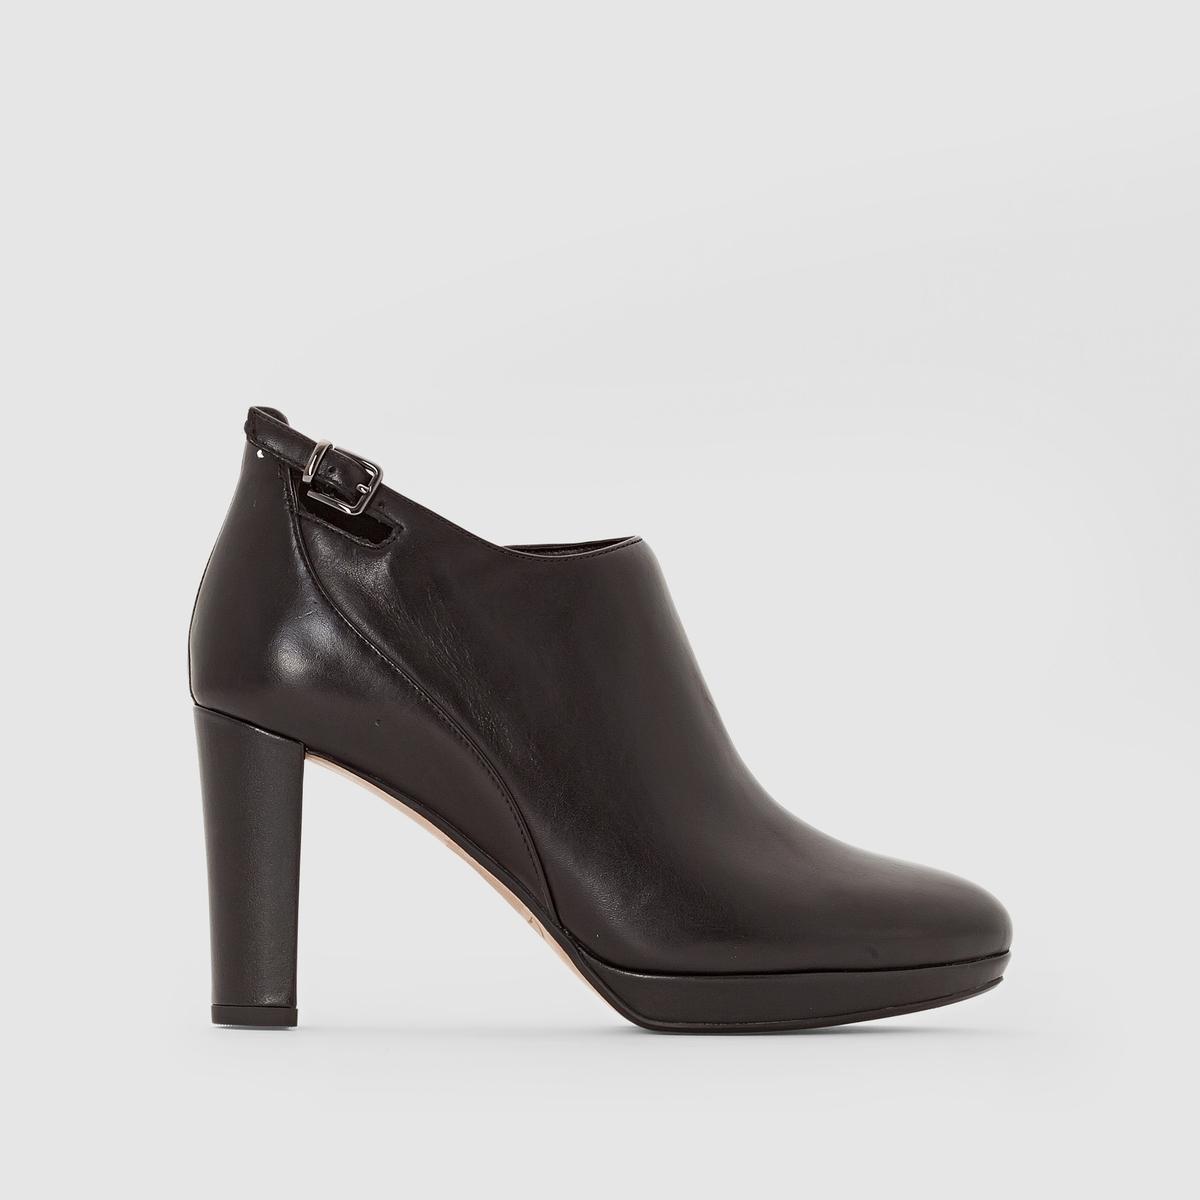 Ботильоны кожаные на каблуке, KENDRA SPICEПодкладка: Текстиль.     Стелька: Кожа.Подошва: Каучук.                       Высота голенища: 10 см.Форма каблука: Широкая.Мысок: Круглый.Застежка: Ремешок/пряжка.<br><br>Цвет: черный<br>Размер: 40